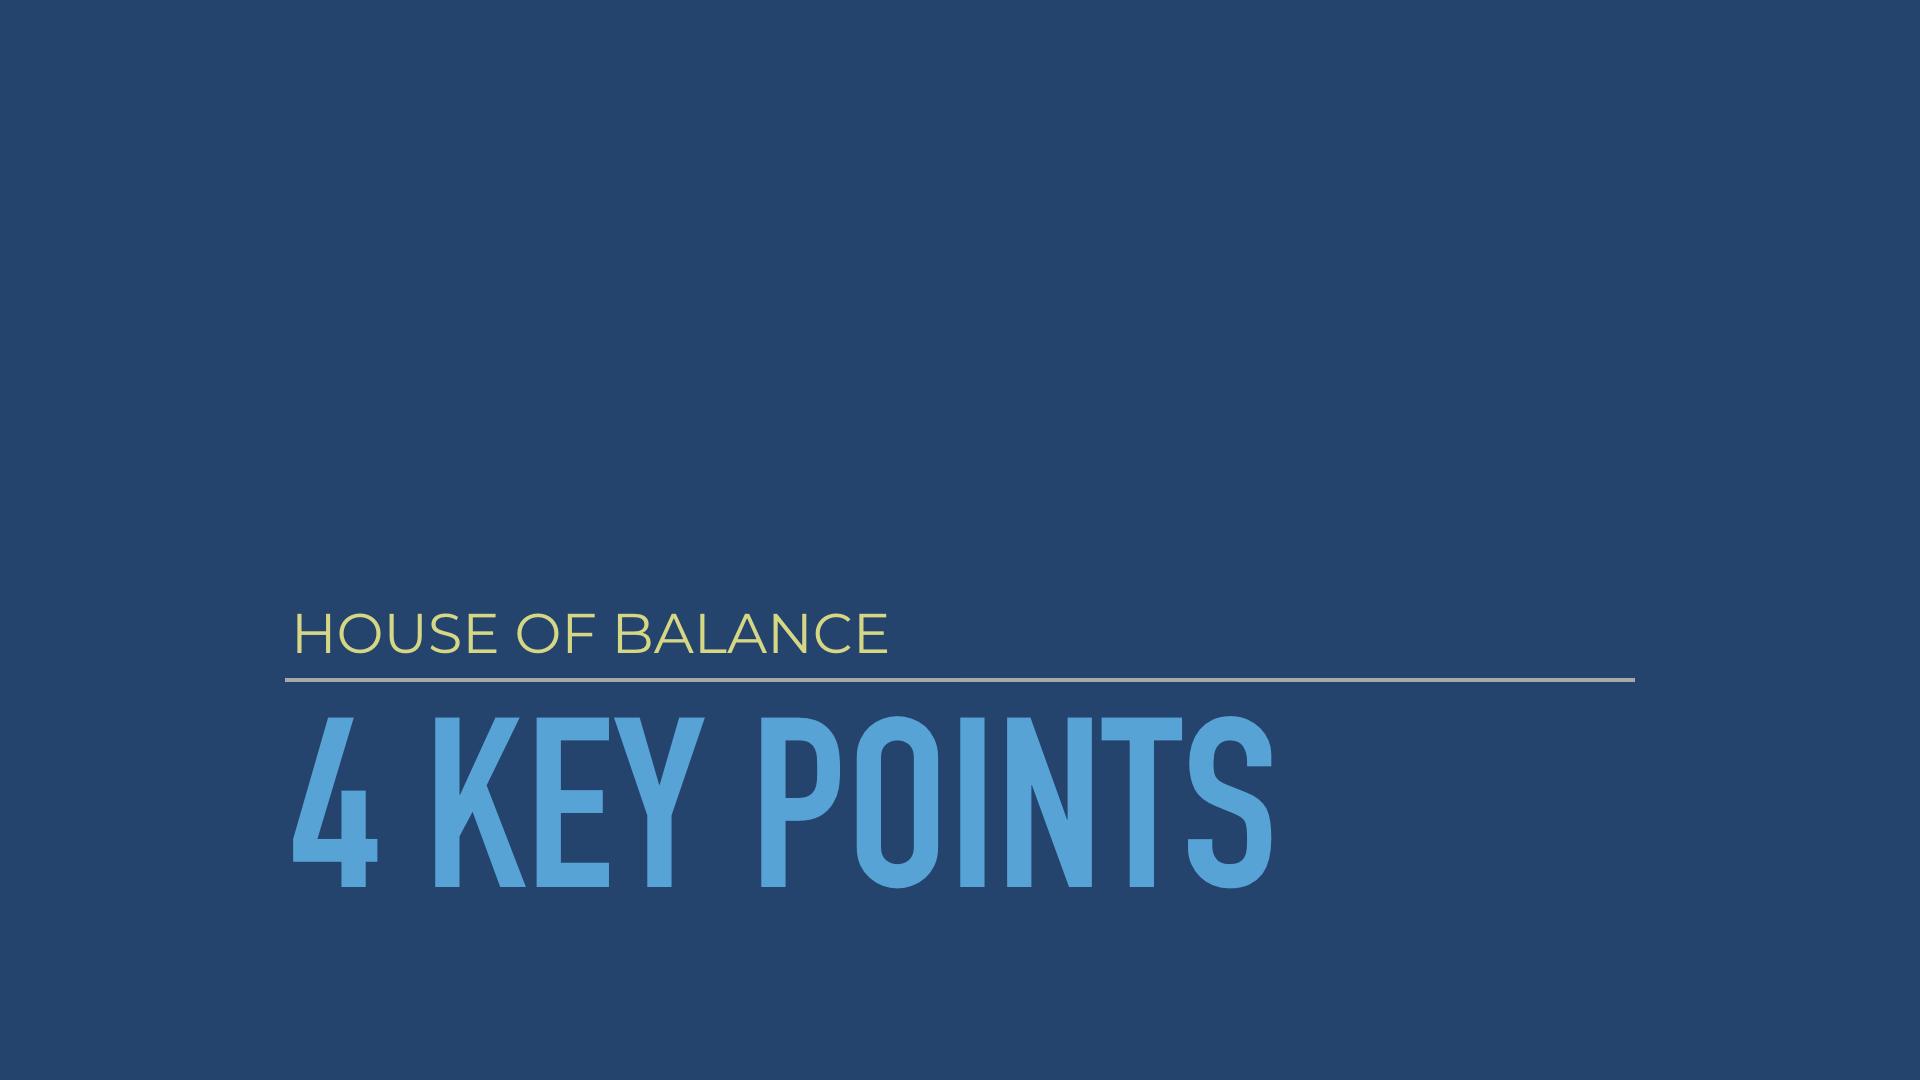 Our 4 Key Points: Mitarbeiter Förderungspunkte, Engagement Umfrage, Turn Over, Abwesenheitskosten